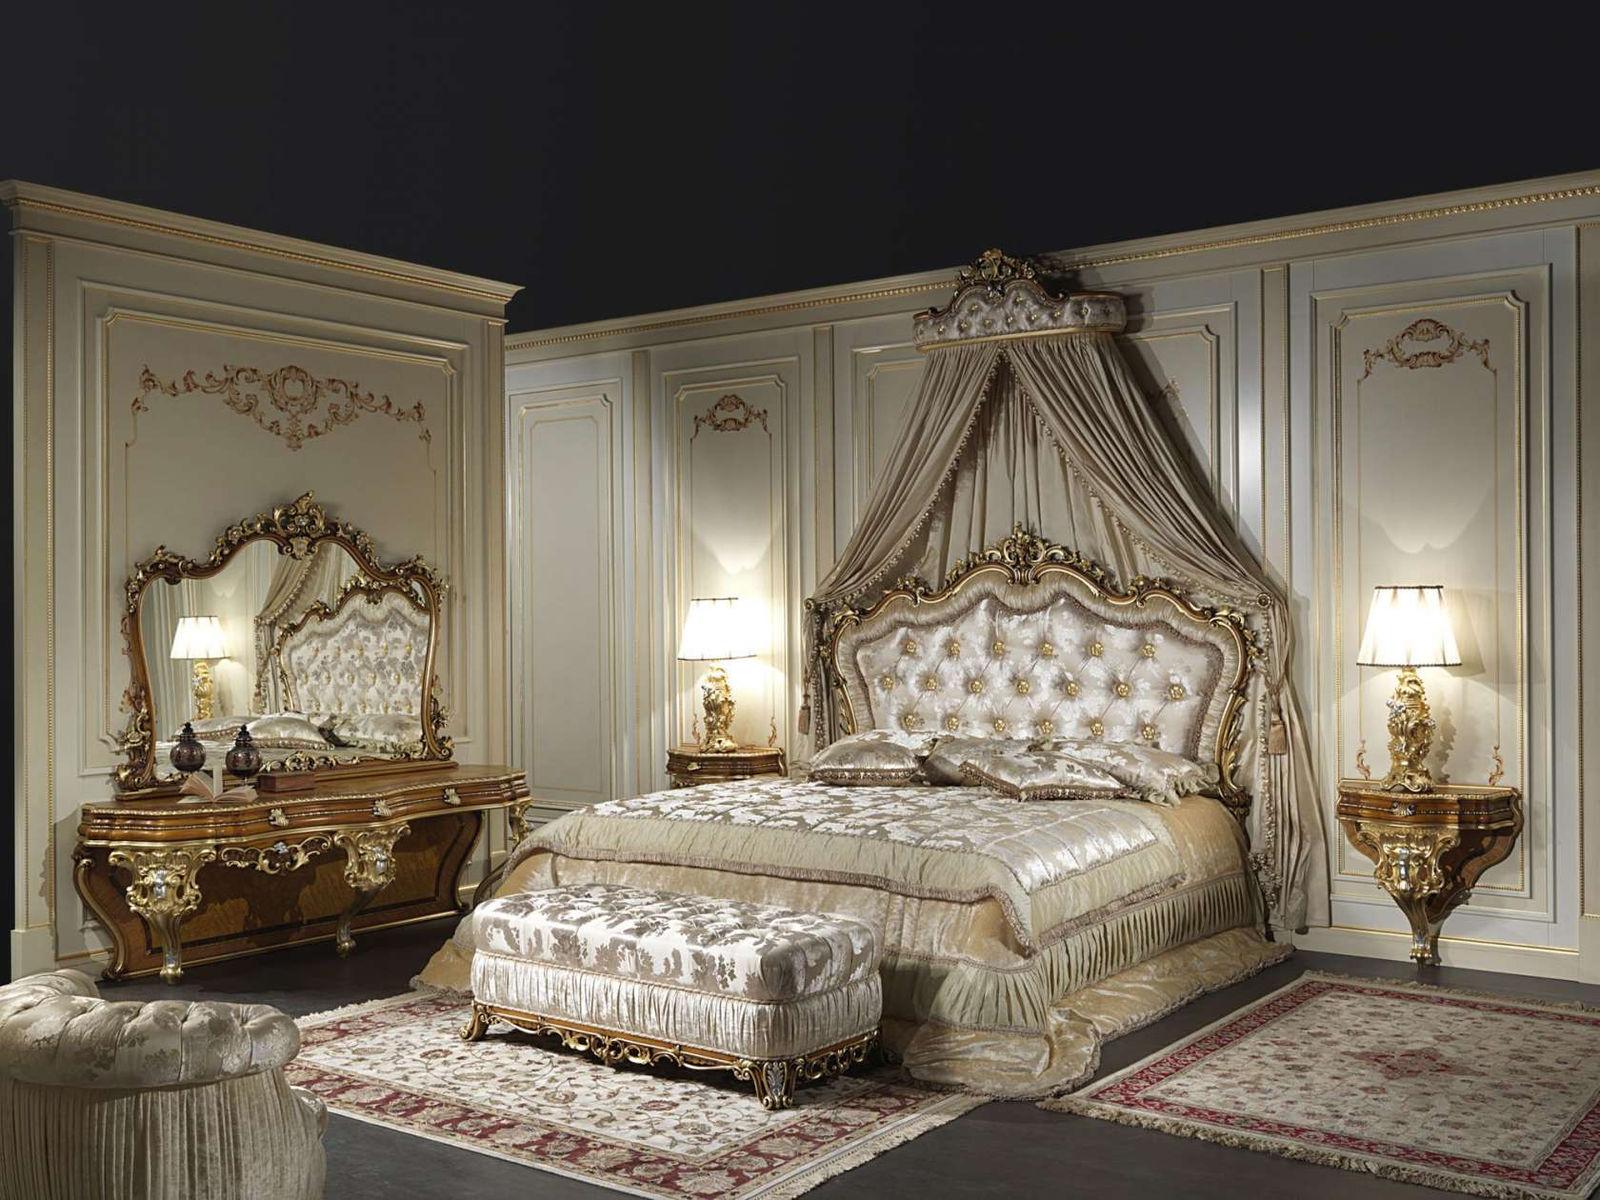 Попав в спальню в стиле барокко, Вы сразу окунетесь в атмосферу XVIII века